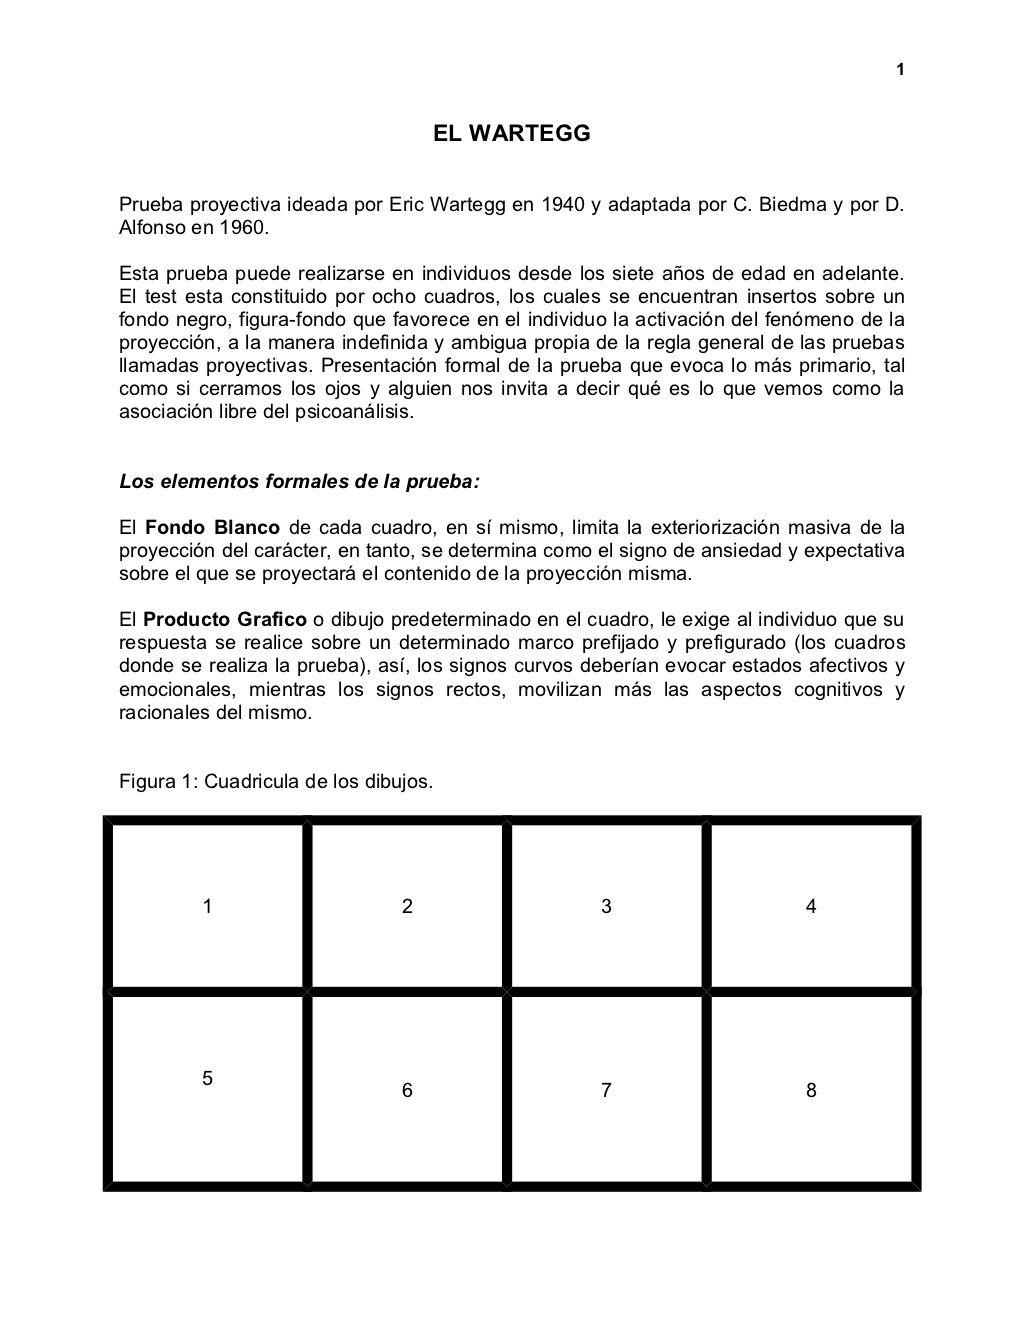 Manual Test De Wartegg Textos Educacao